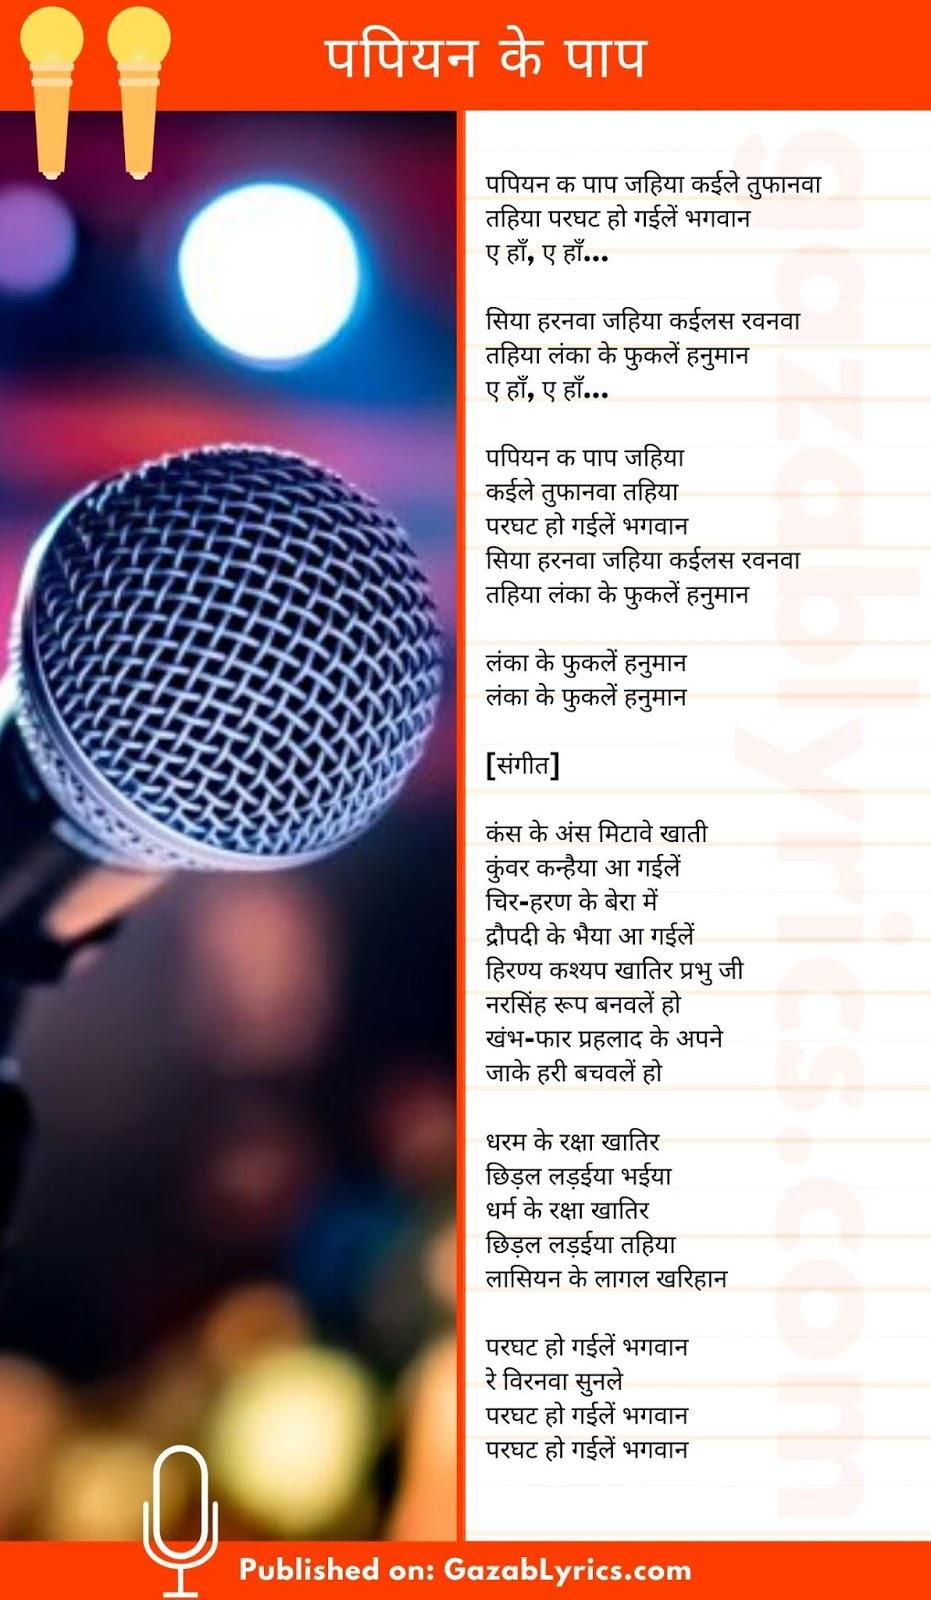 Papiyan Ke Pap song lyrics image